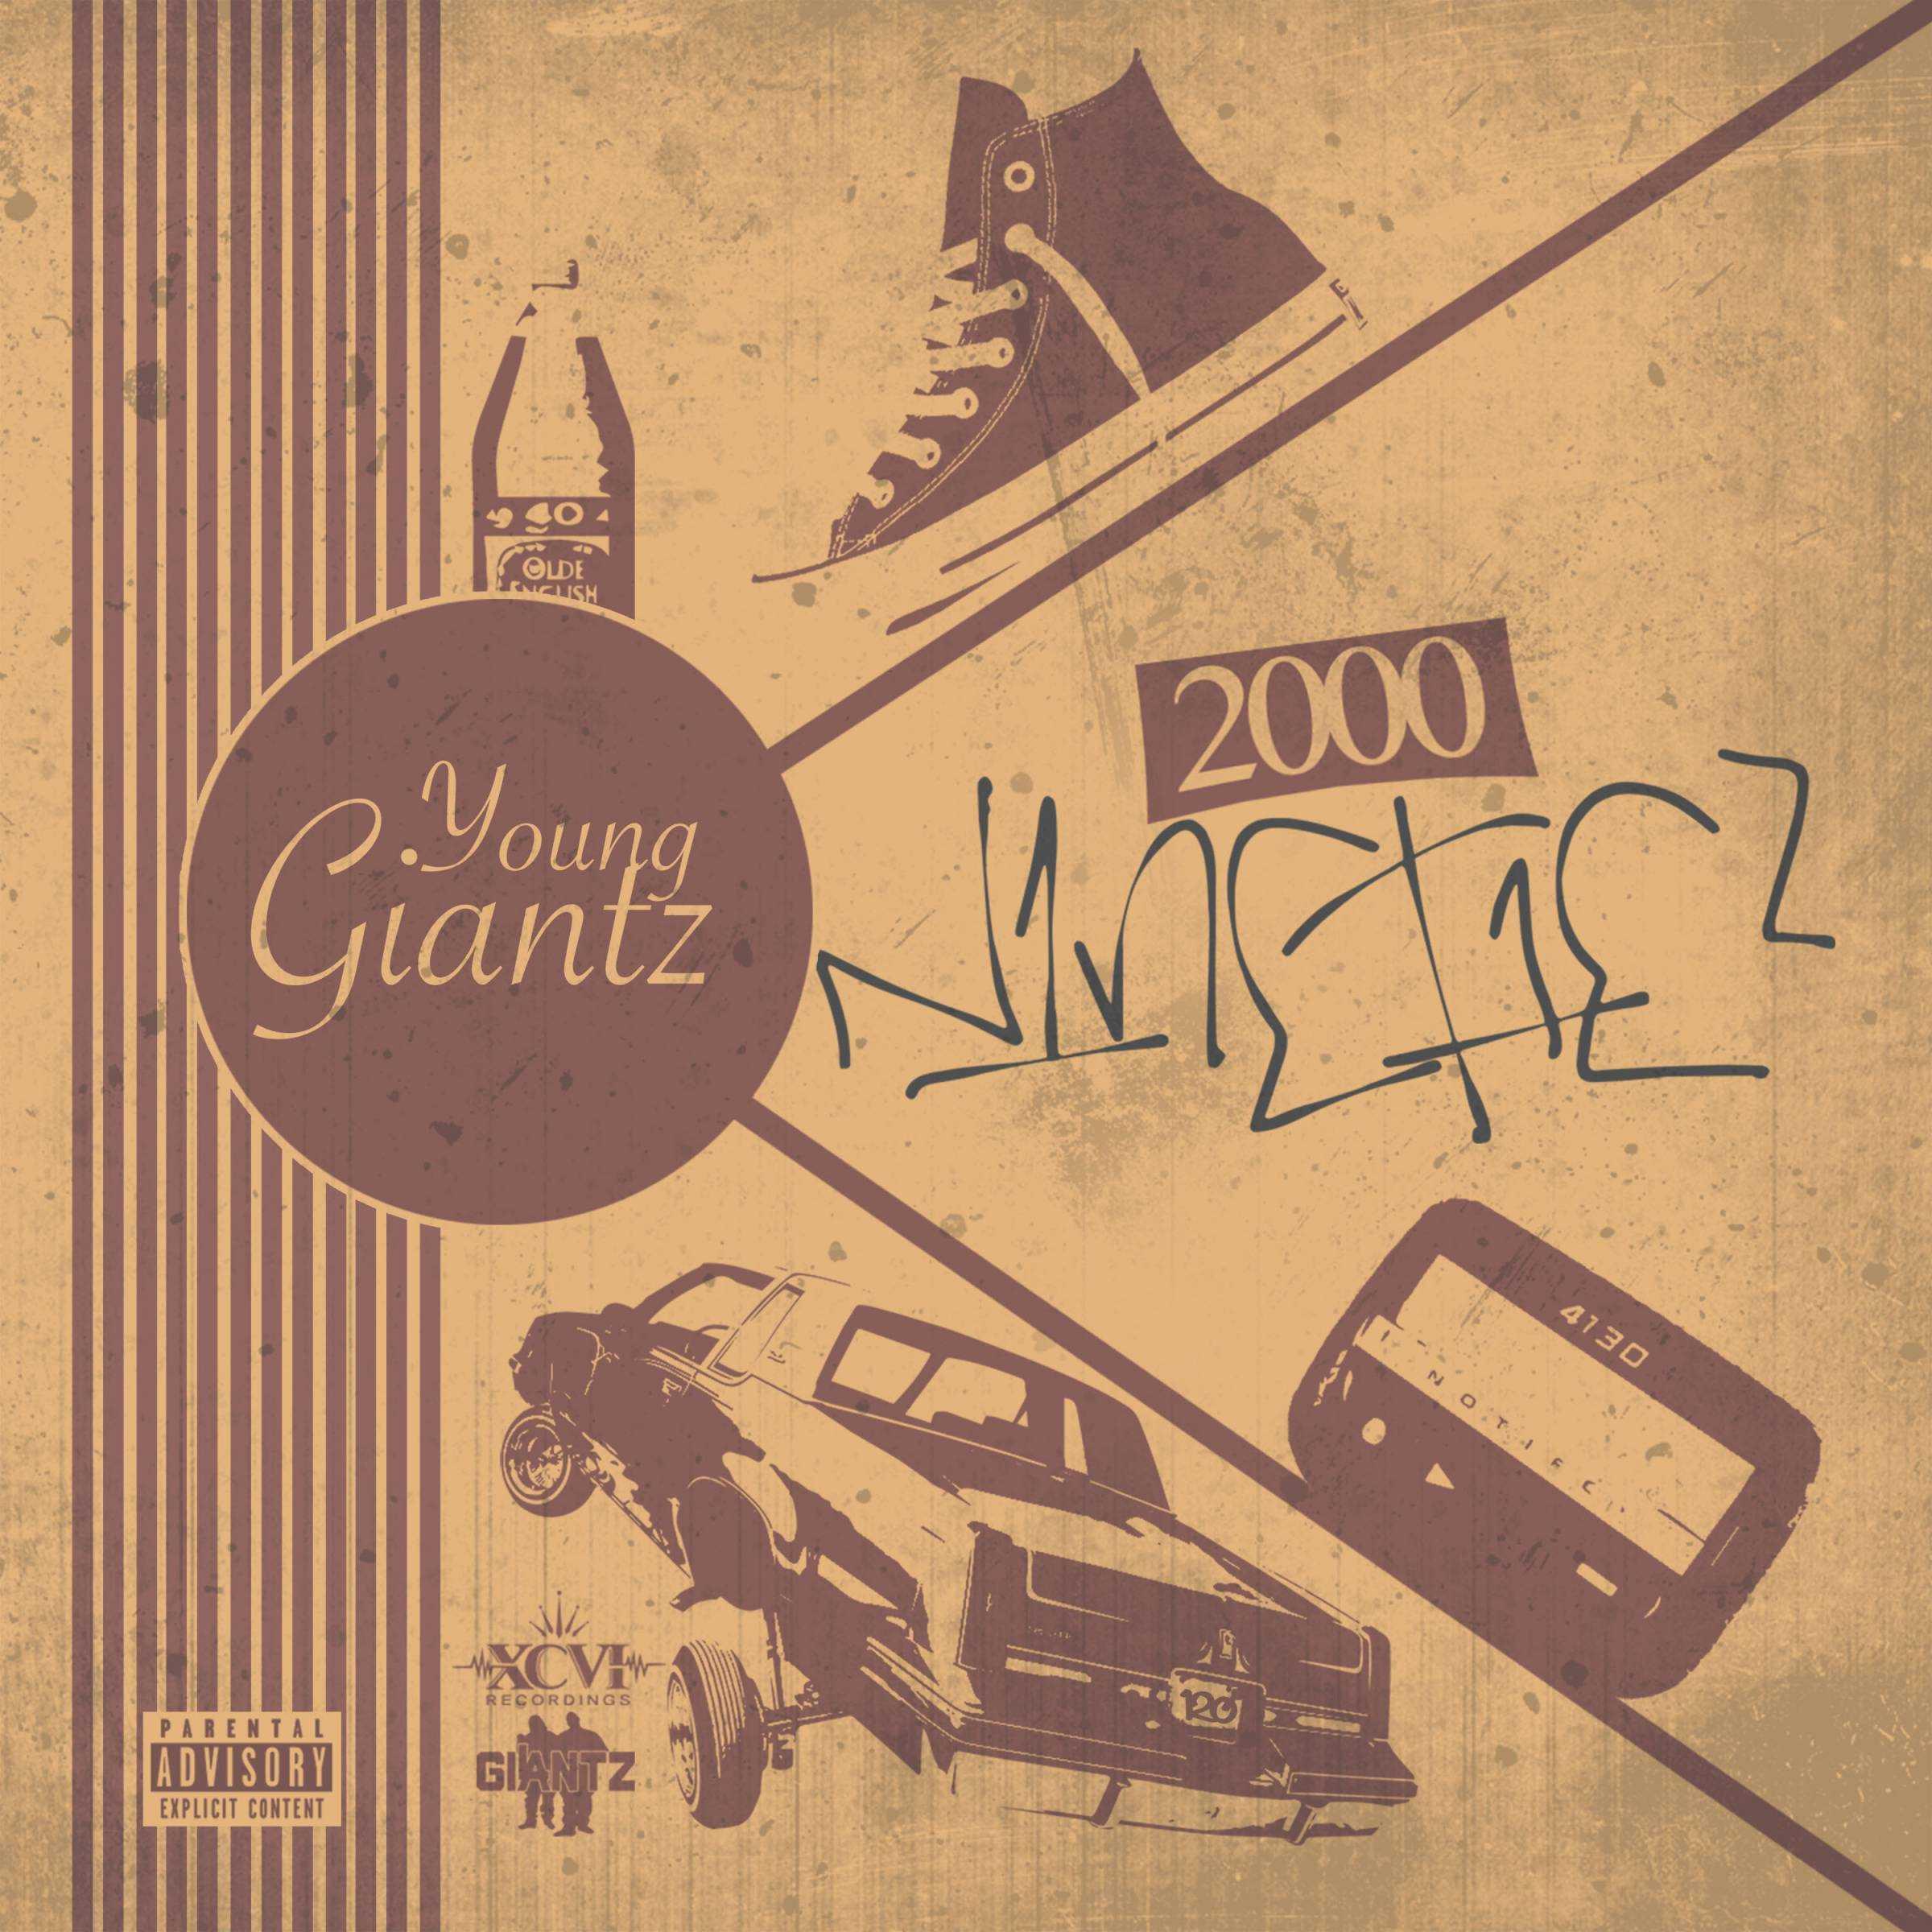 Young Giantz